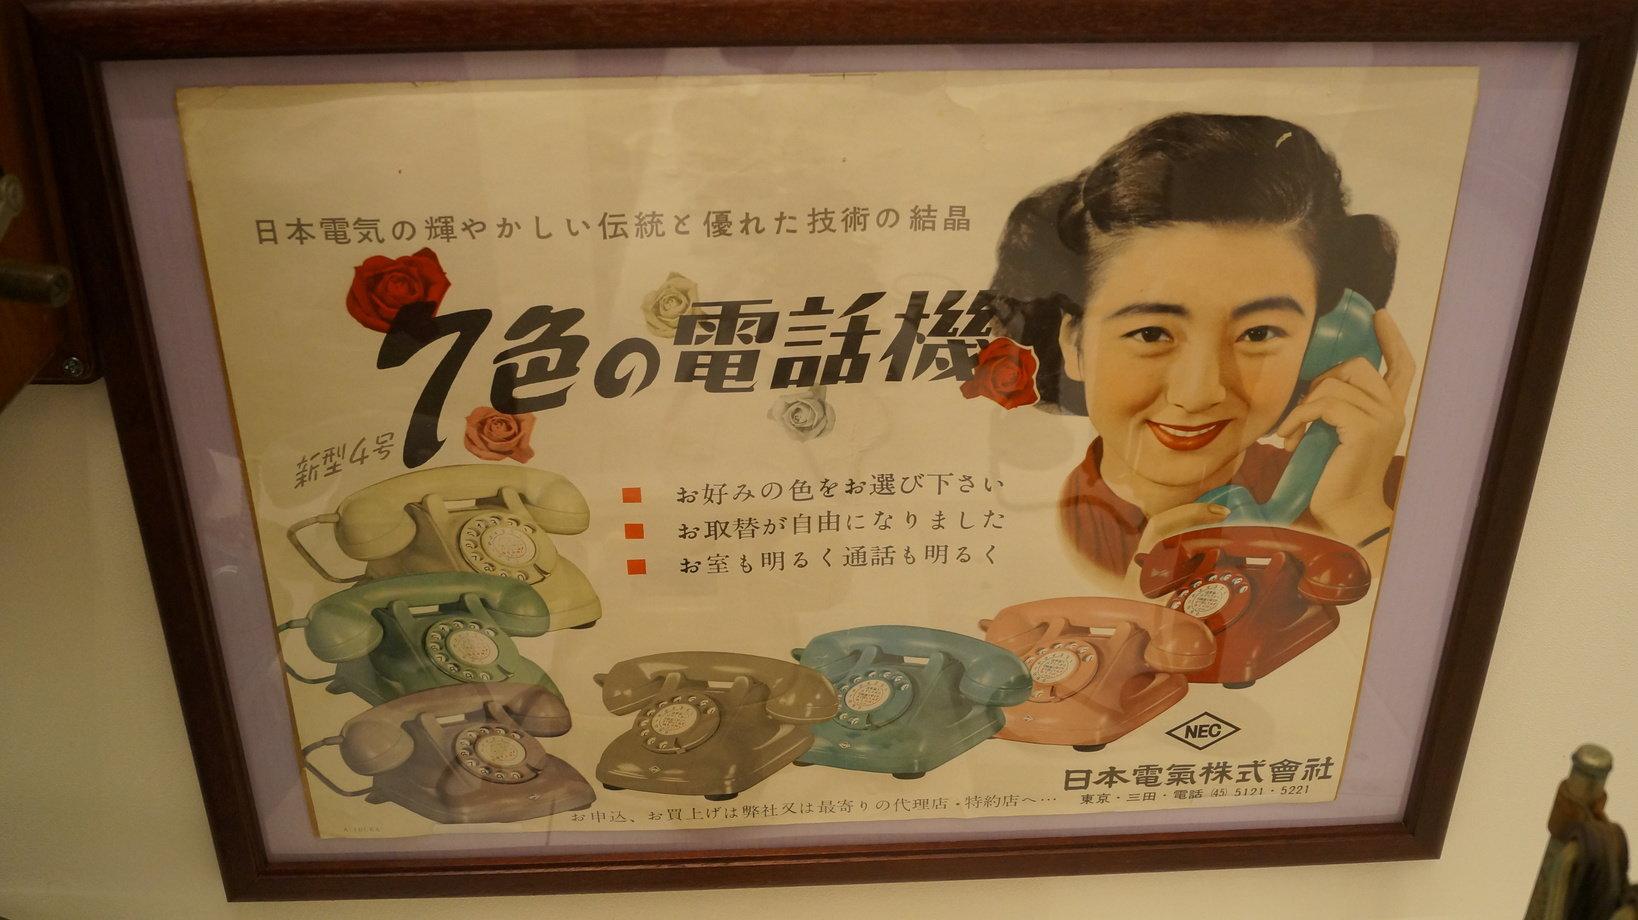 発売当時のポスター。女性の髪型に時代を感じます。